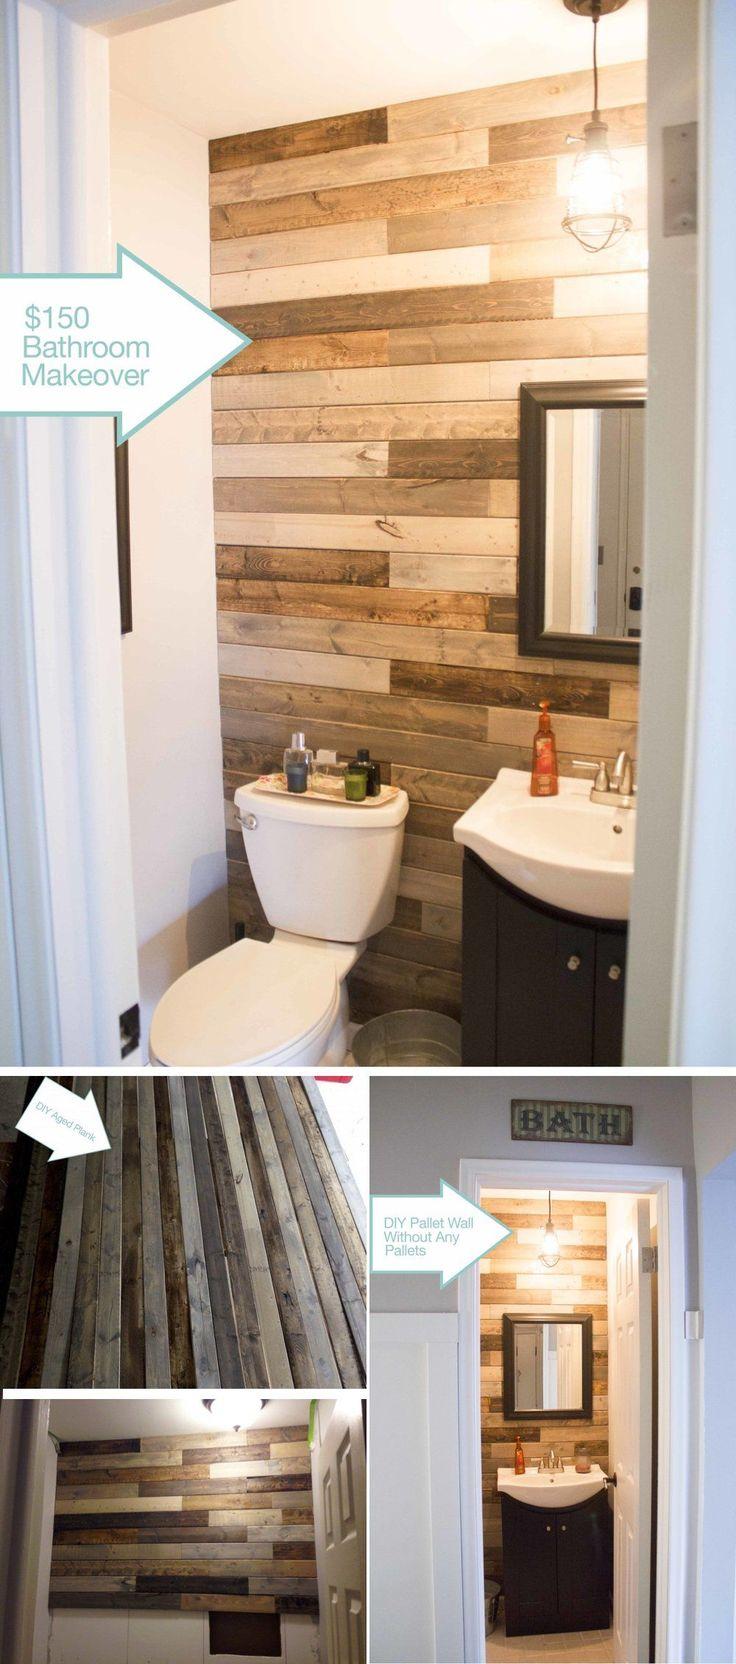 Accent wall paint ideas bathroom - Accent Wall Paint Ideas Bathroom 42